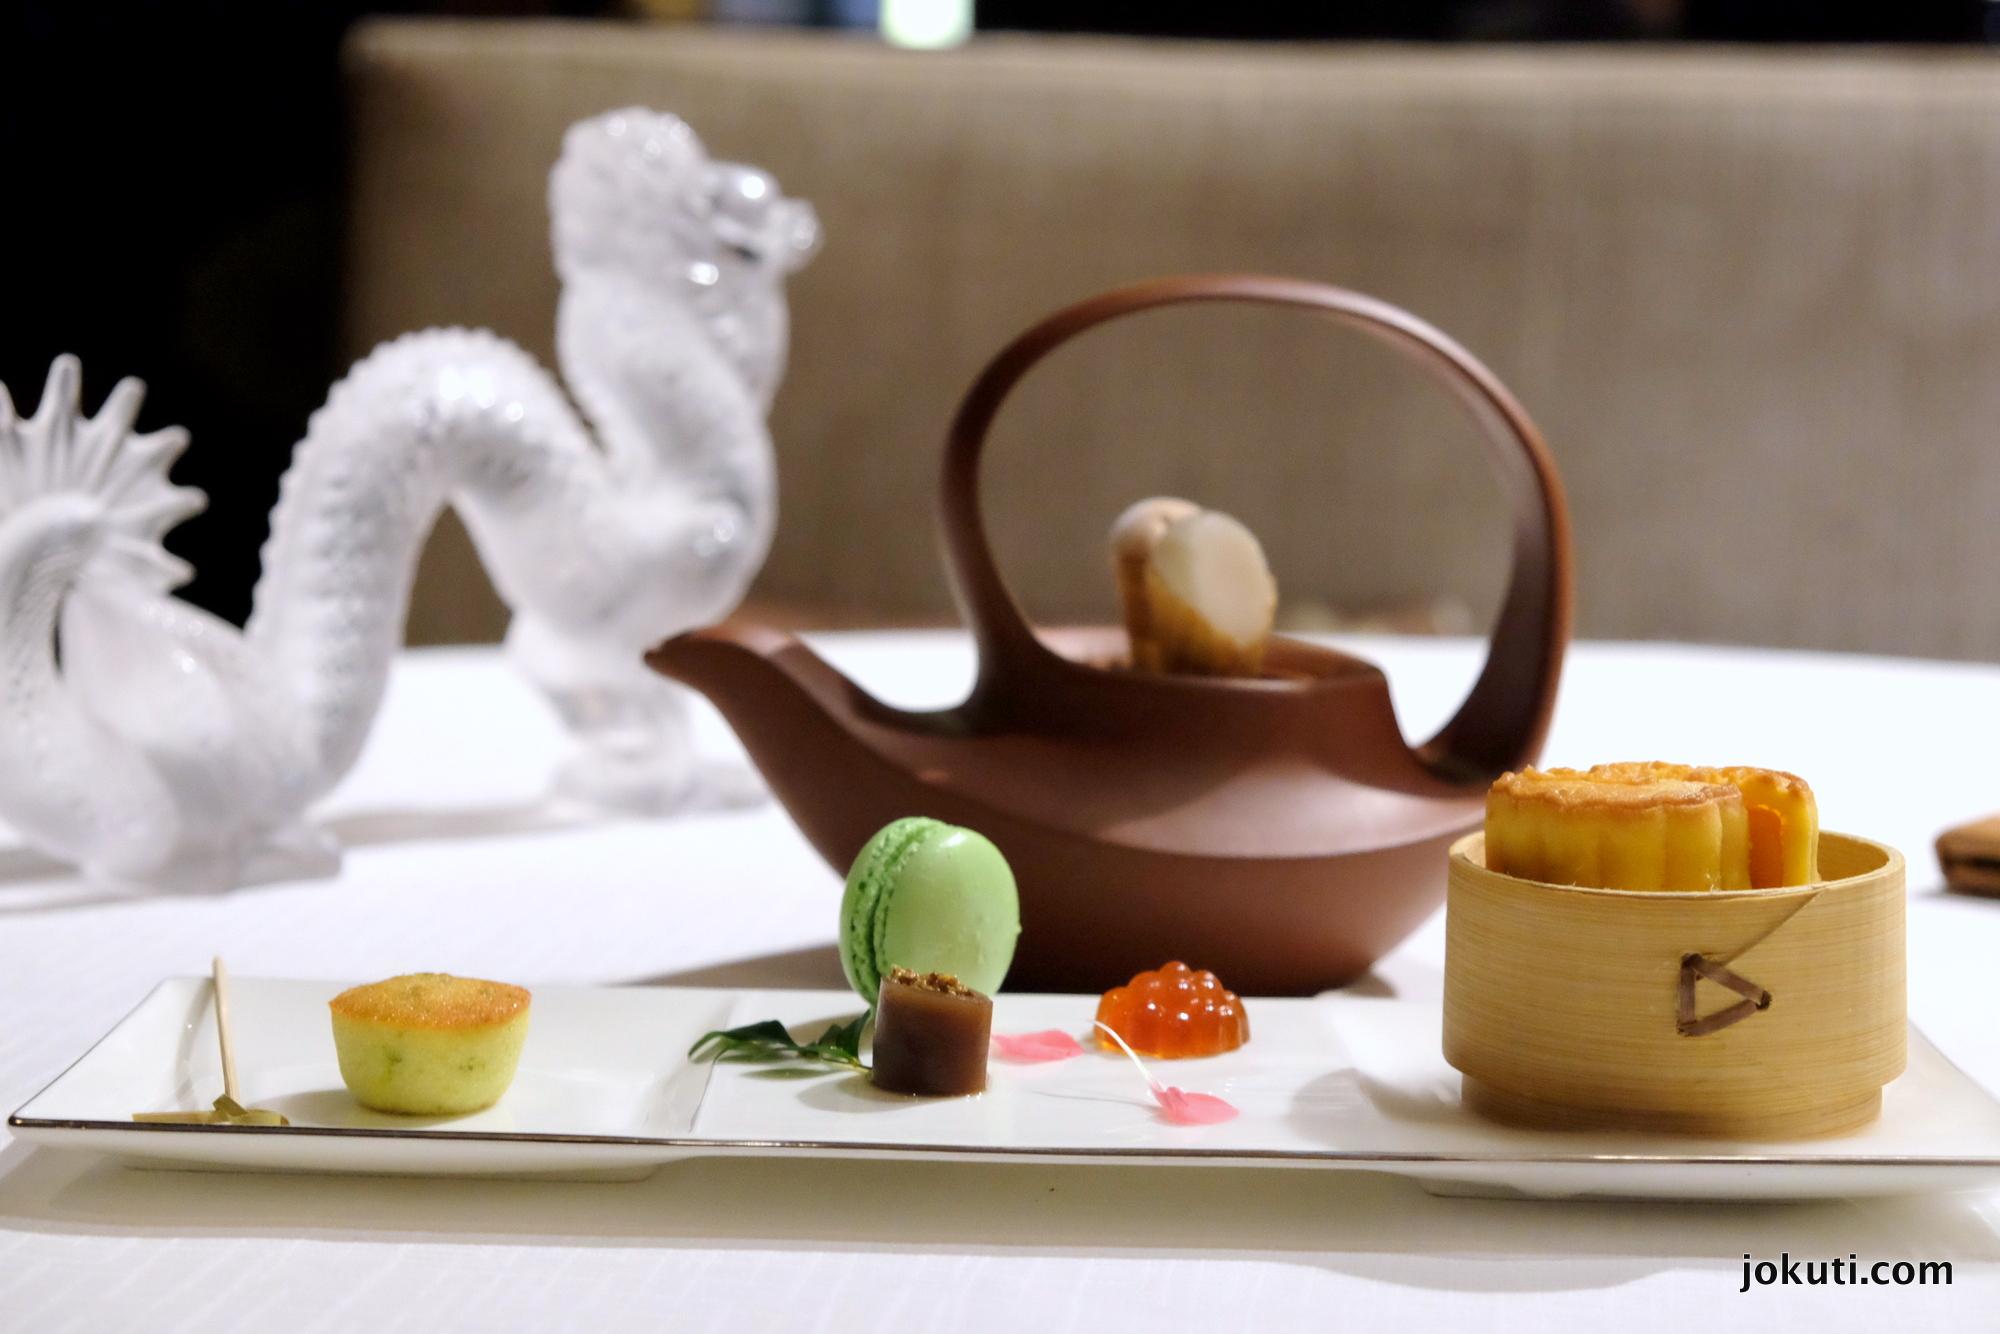 dscf6951_jade_dragon_restaurant_cantonese_chinese_michelin_macau_makao_china_kinai_vilagevo_jokuti.jpg